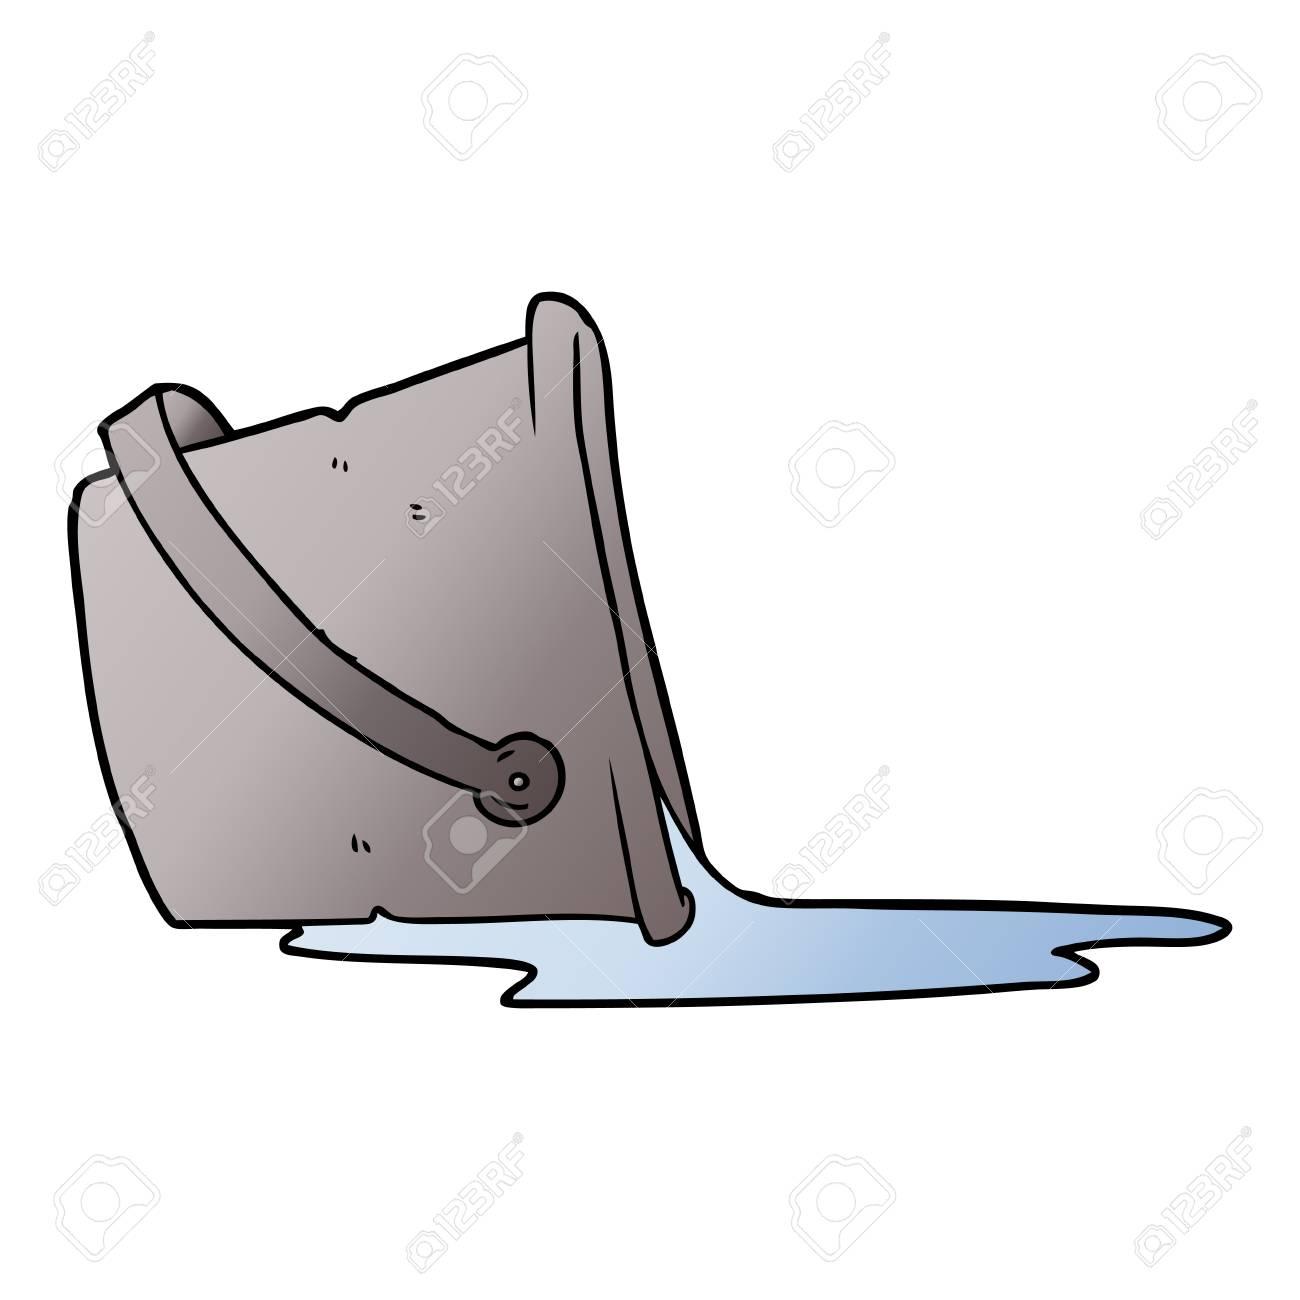 A cartoon spilled bucket of water - 95609065